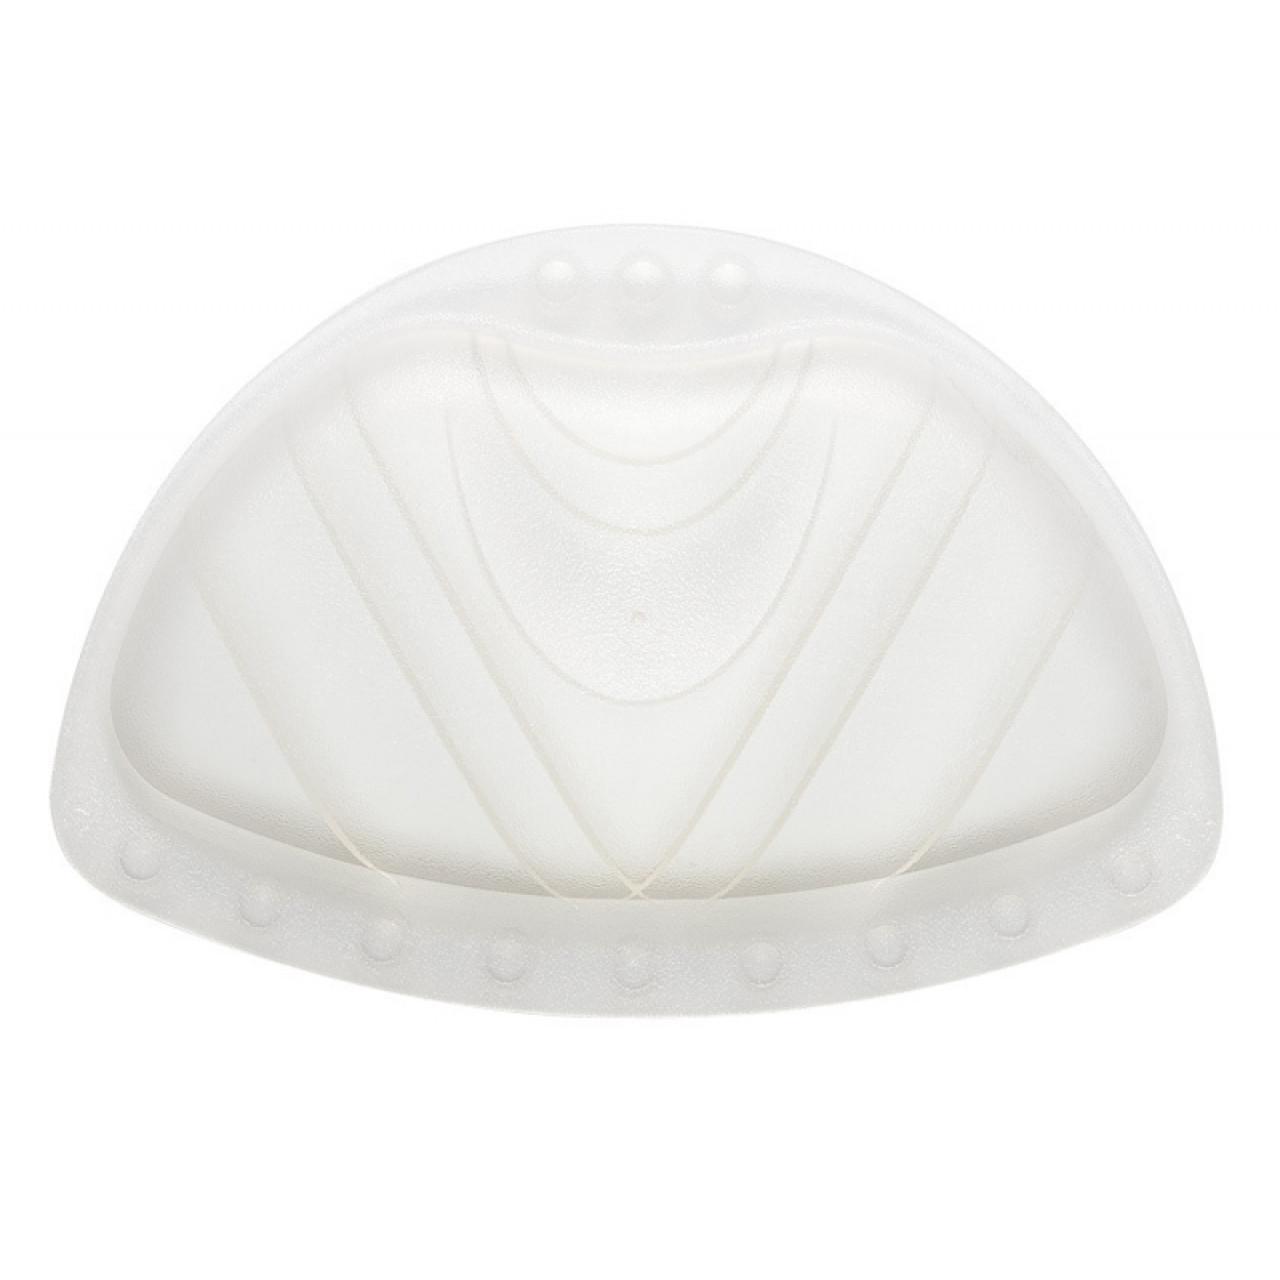 Подголовник для ванны Ridder 66600 Tecno Ice белый купить в Москве по цене от 1194р. в интернет-магазине mebel-v-vannu.ru